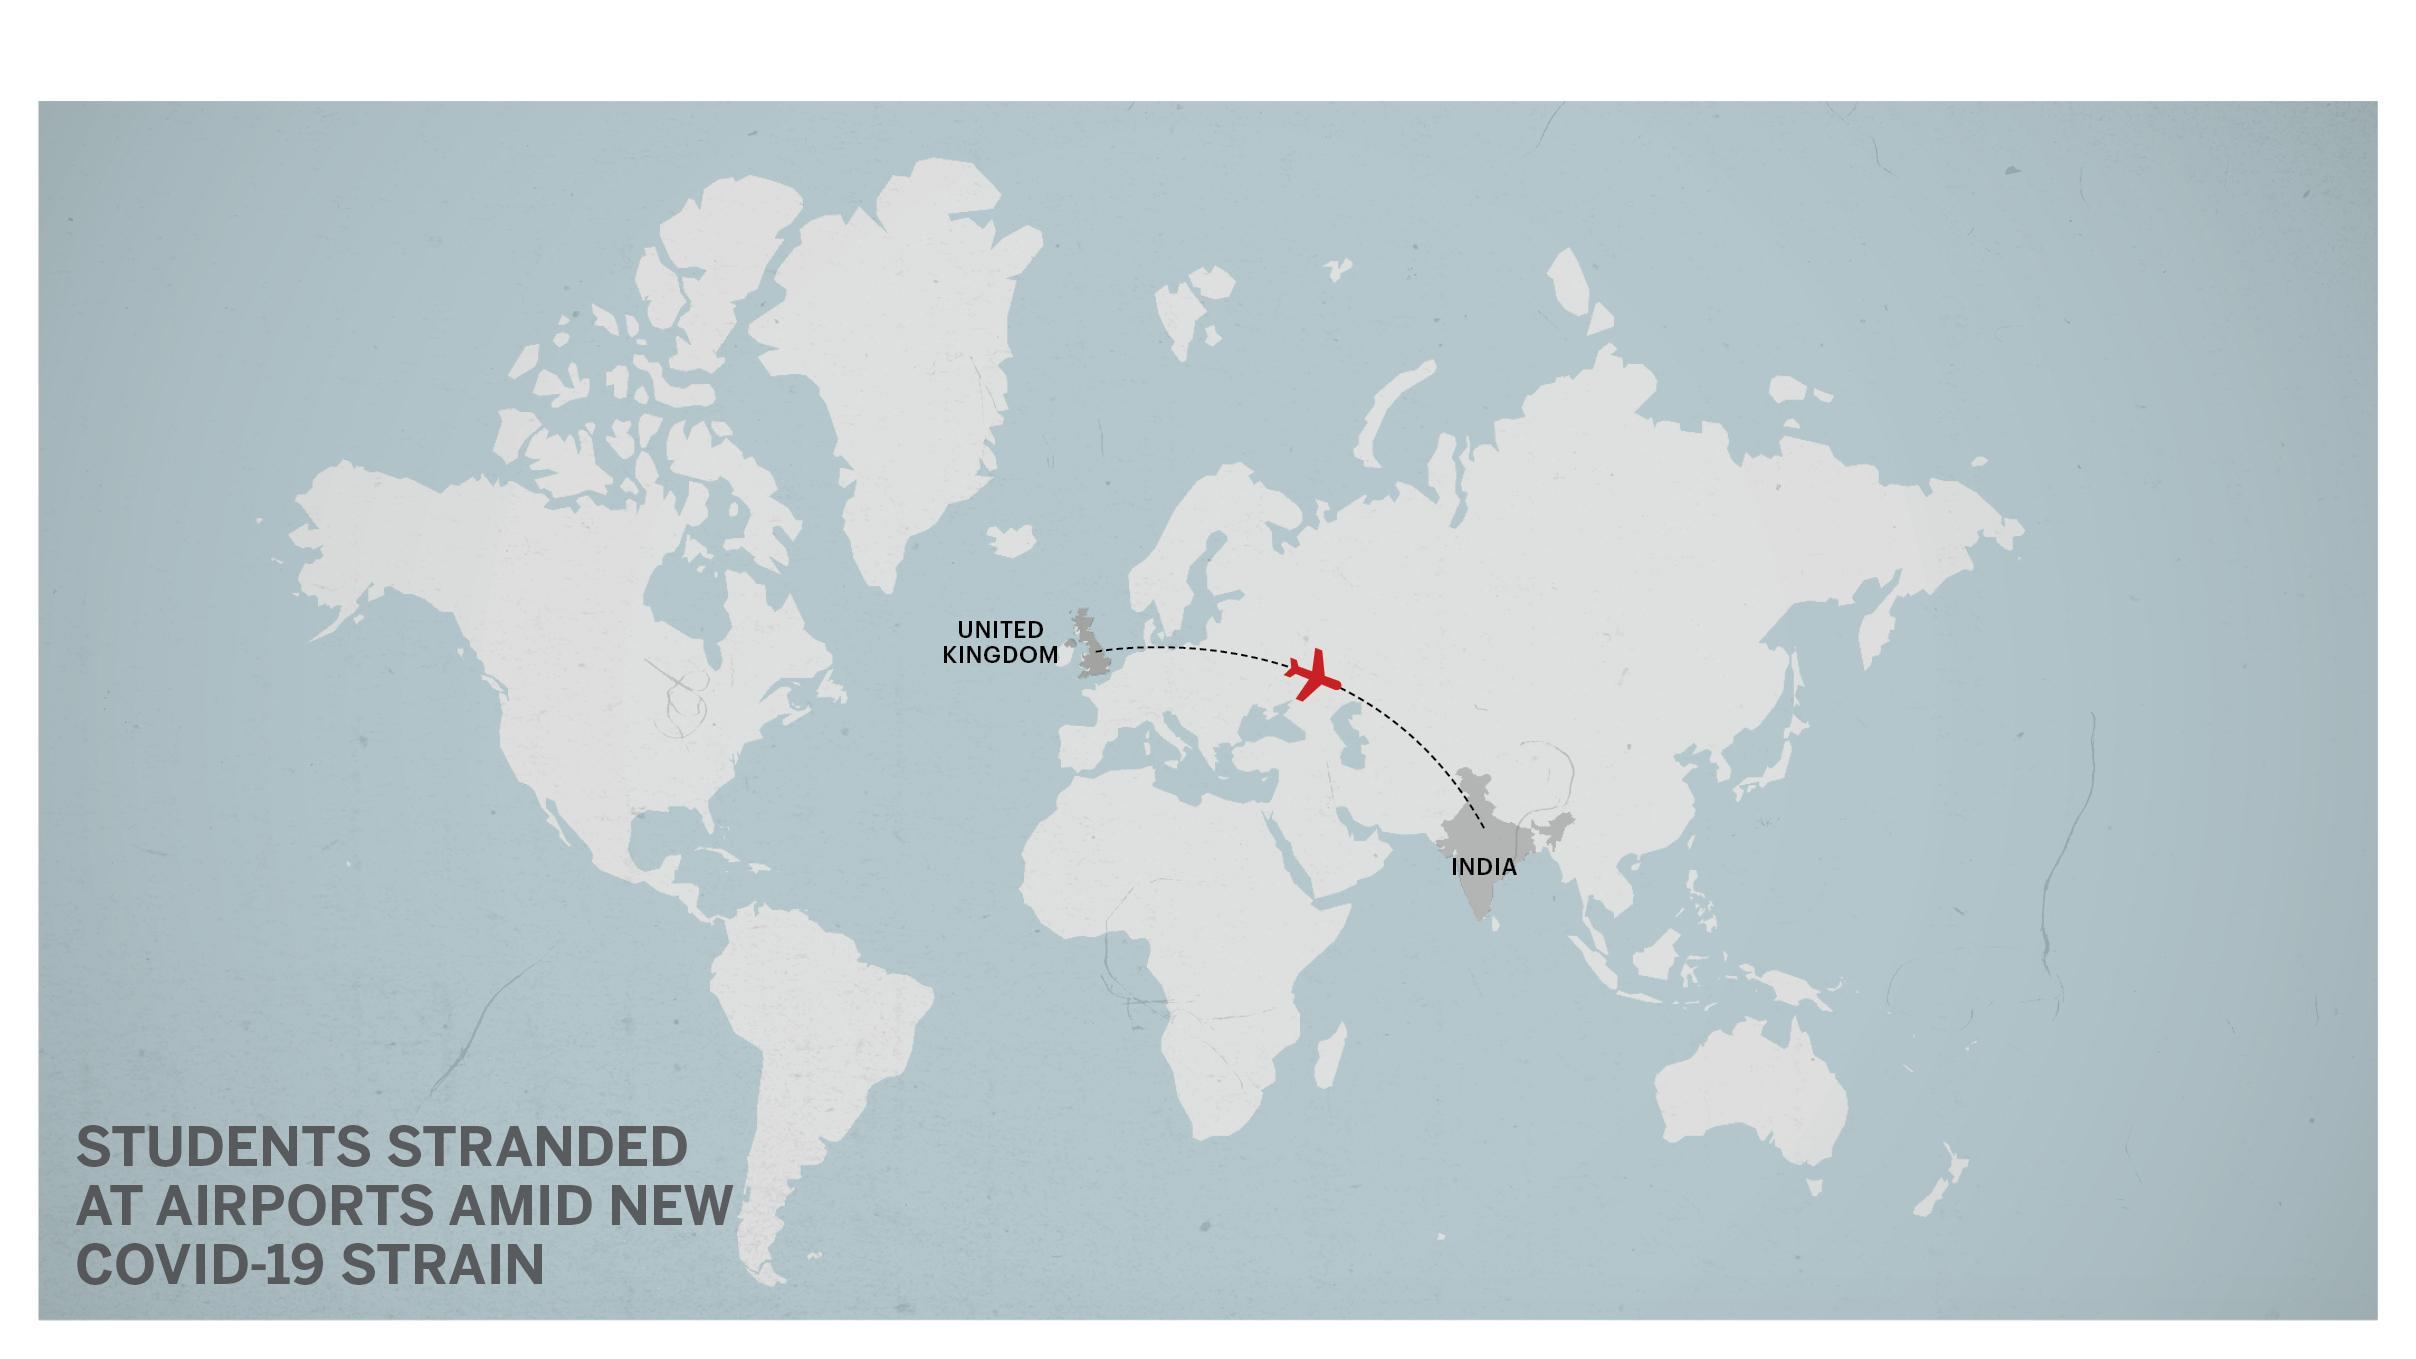 UK India Map